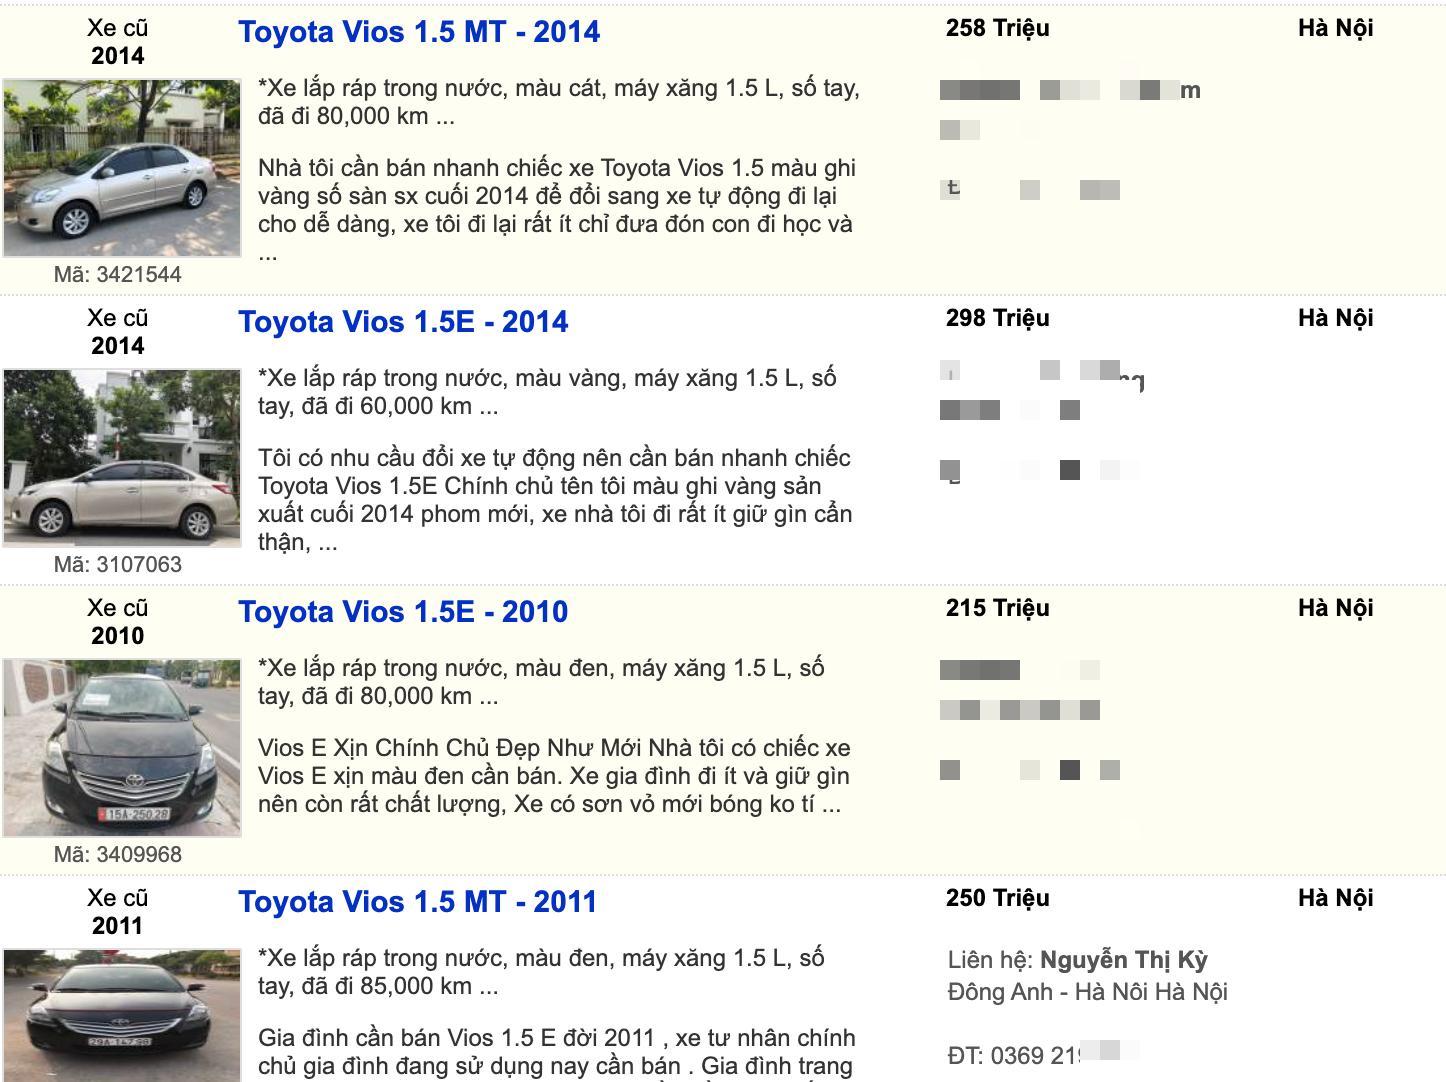 Toyota Vios sang xịn giá chỉ hơn 200 triệu đồng tại Việt Nam - Ảnh 1.